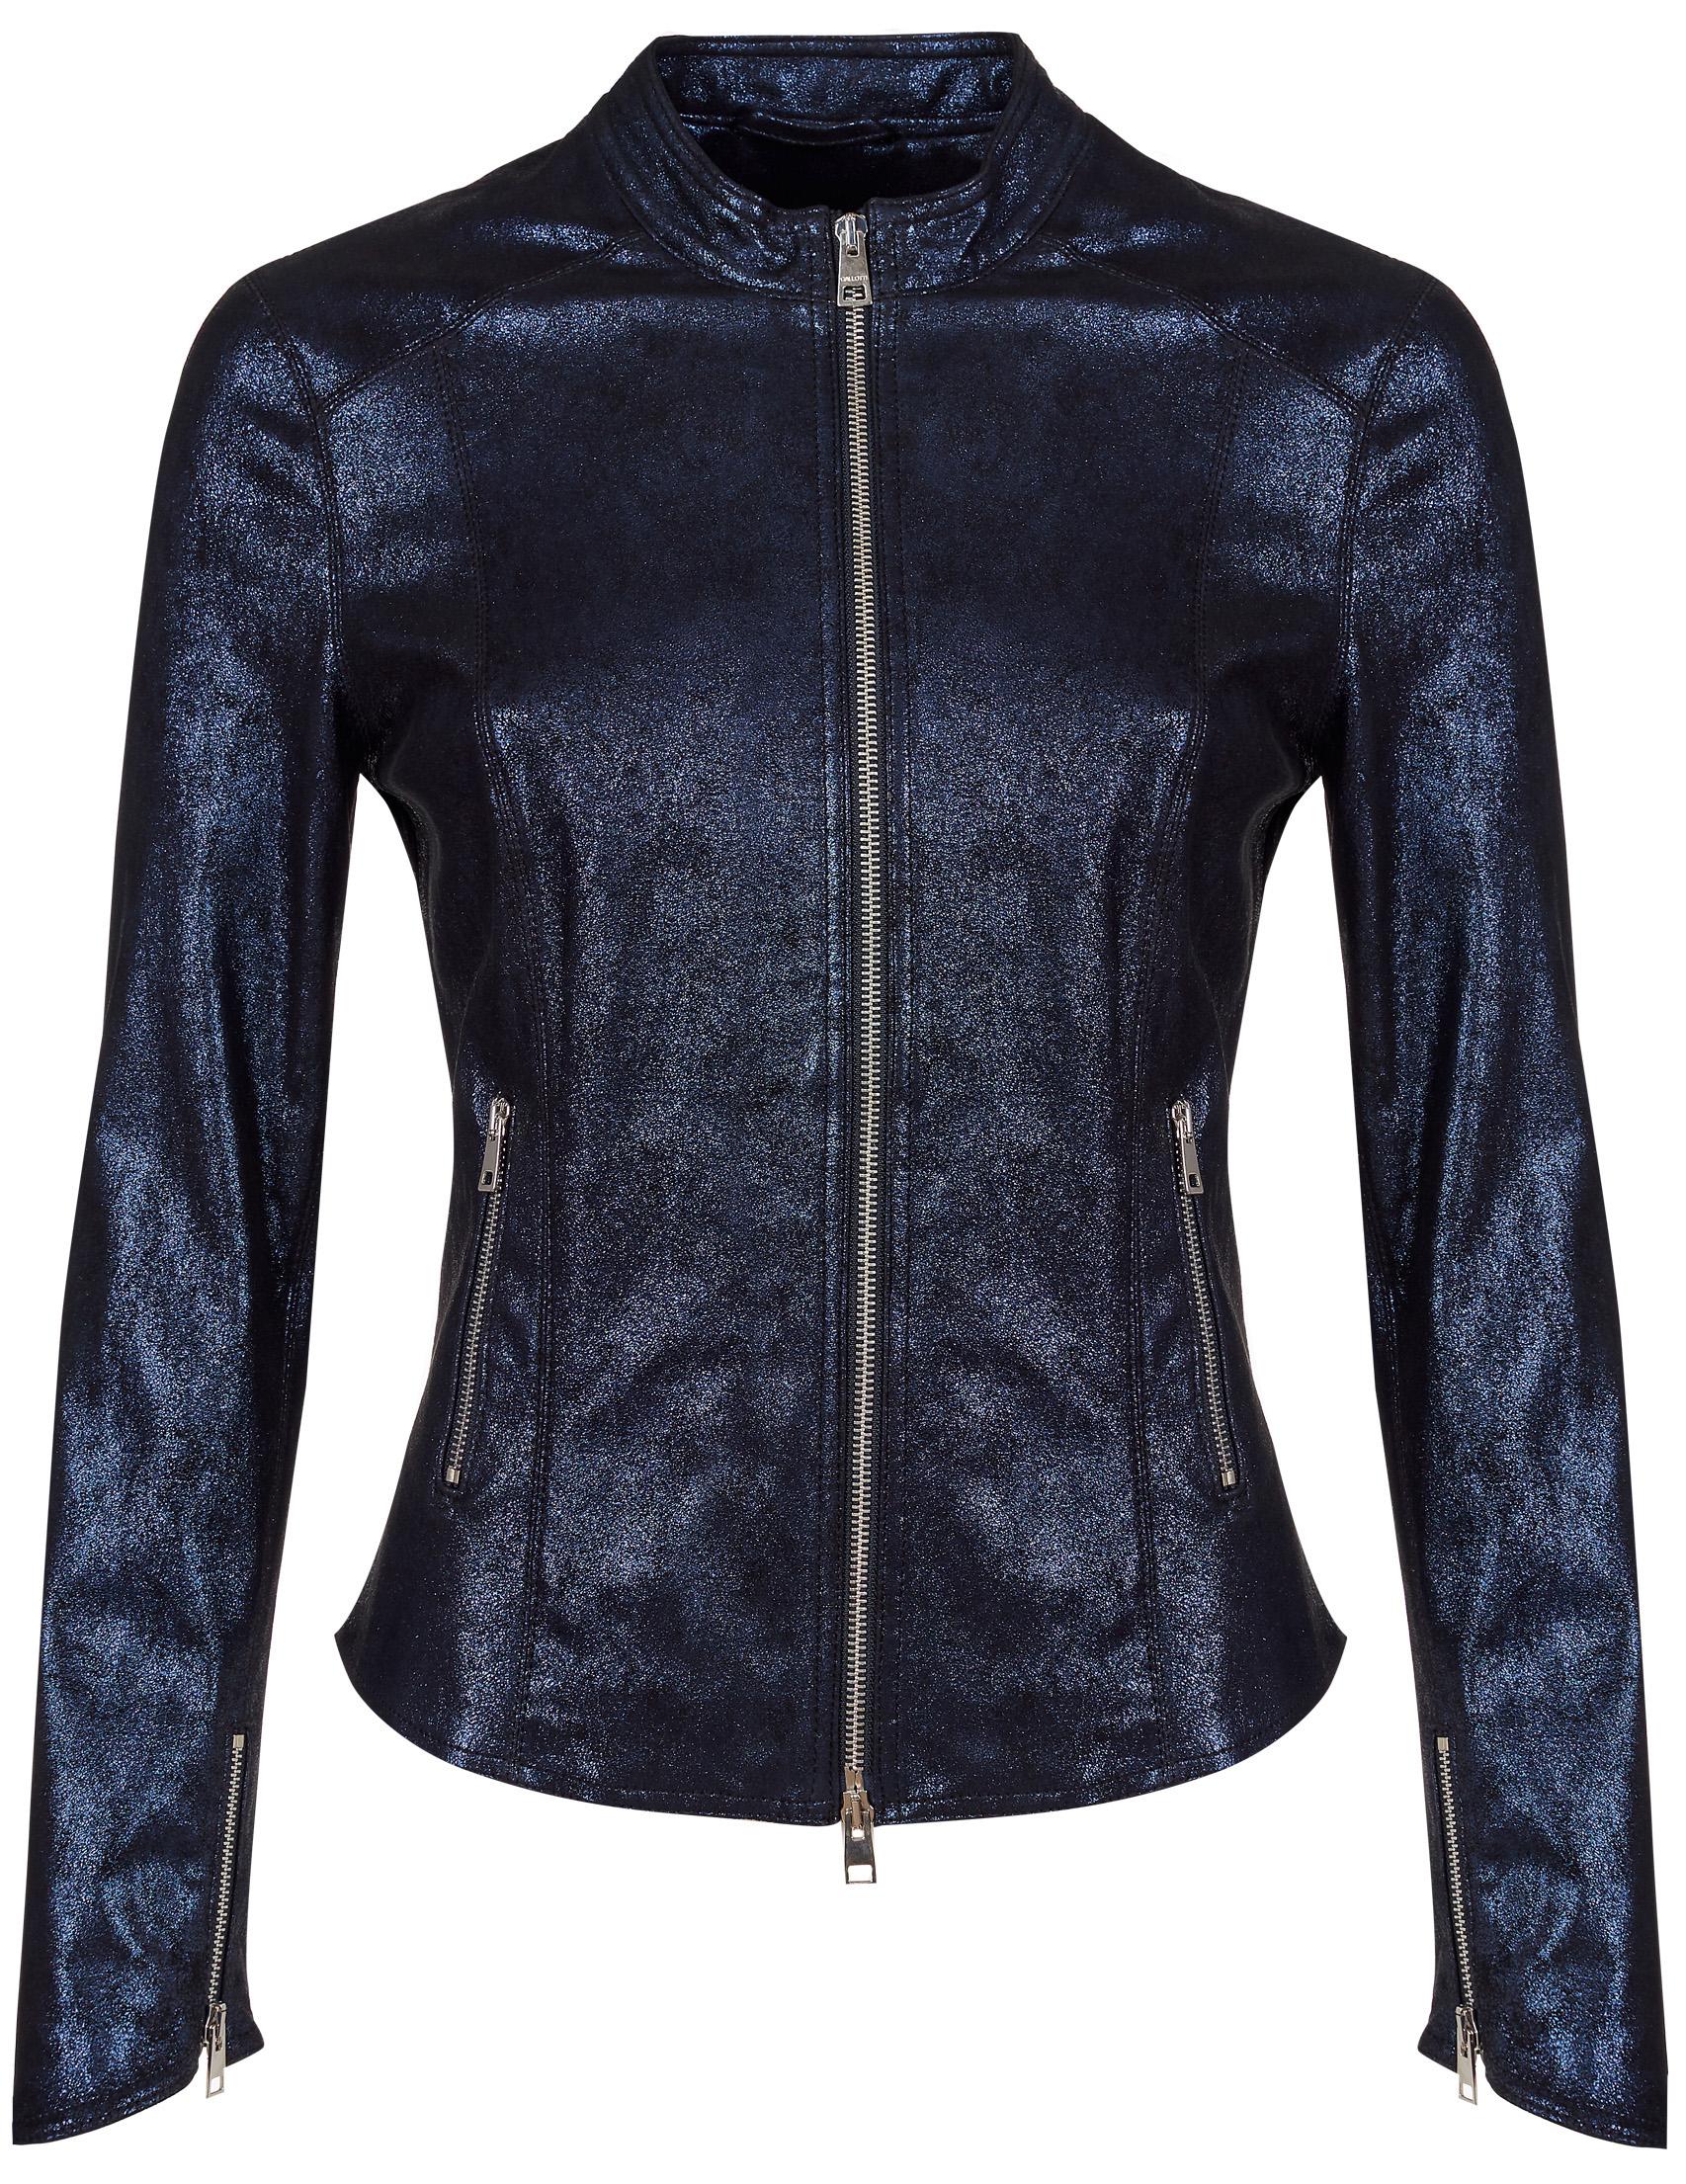 Купить Куртки, Куртка, GALLOTTI, Синий, 100%Кожа, Осень-Зима